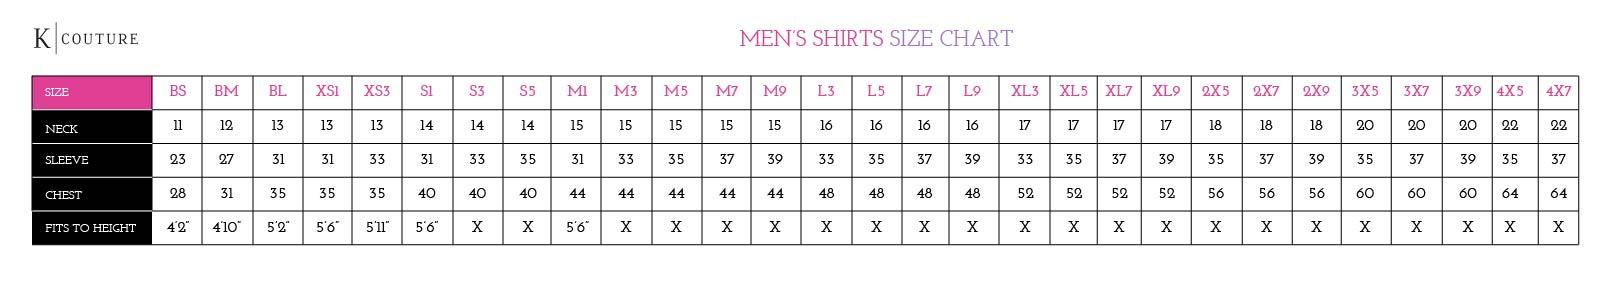 White Tuxedo Shirt For Men